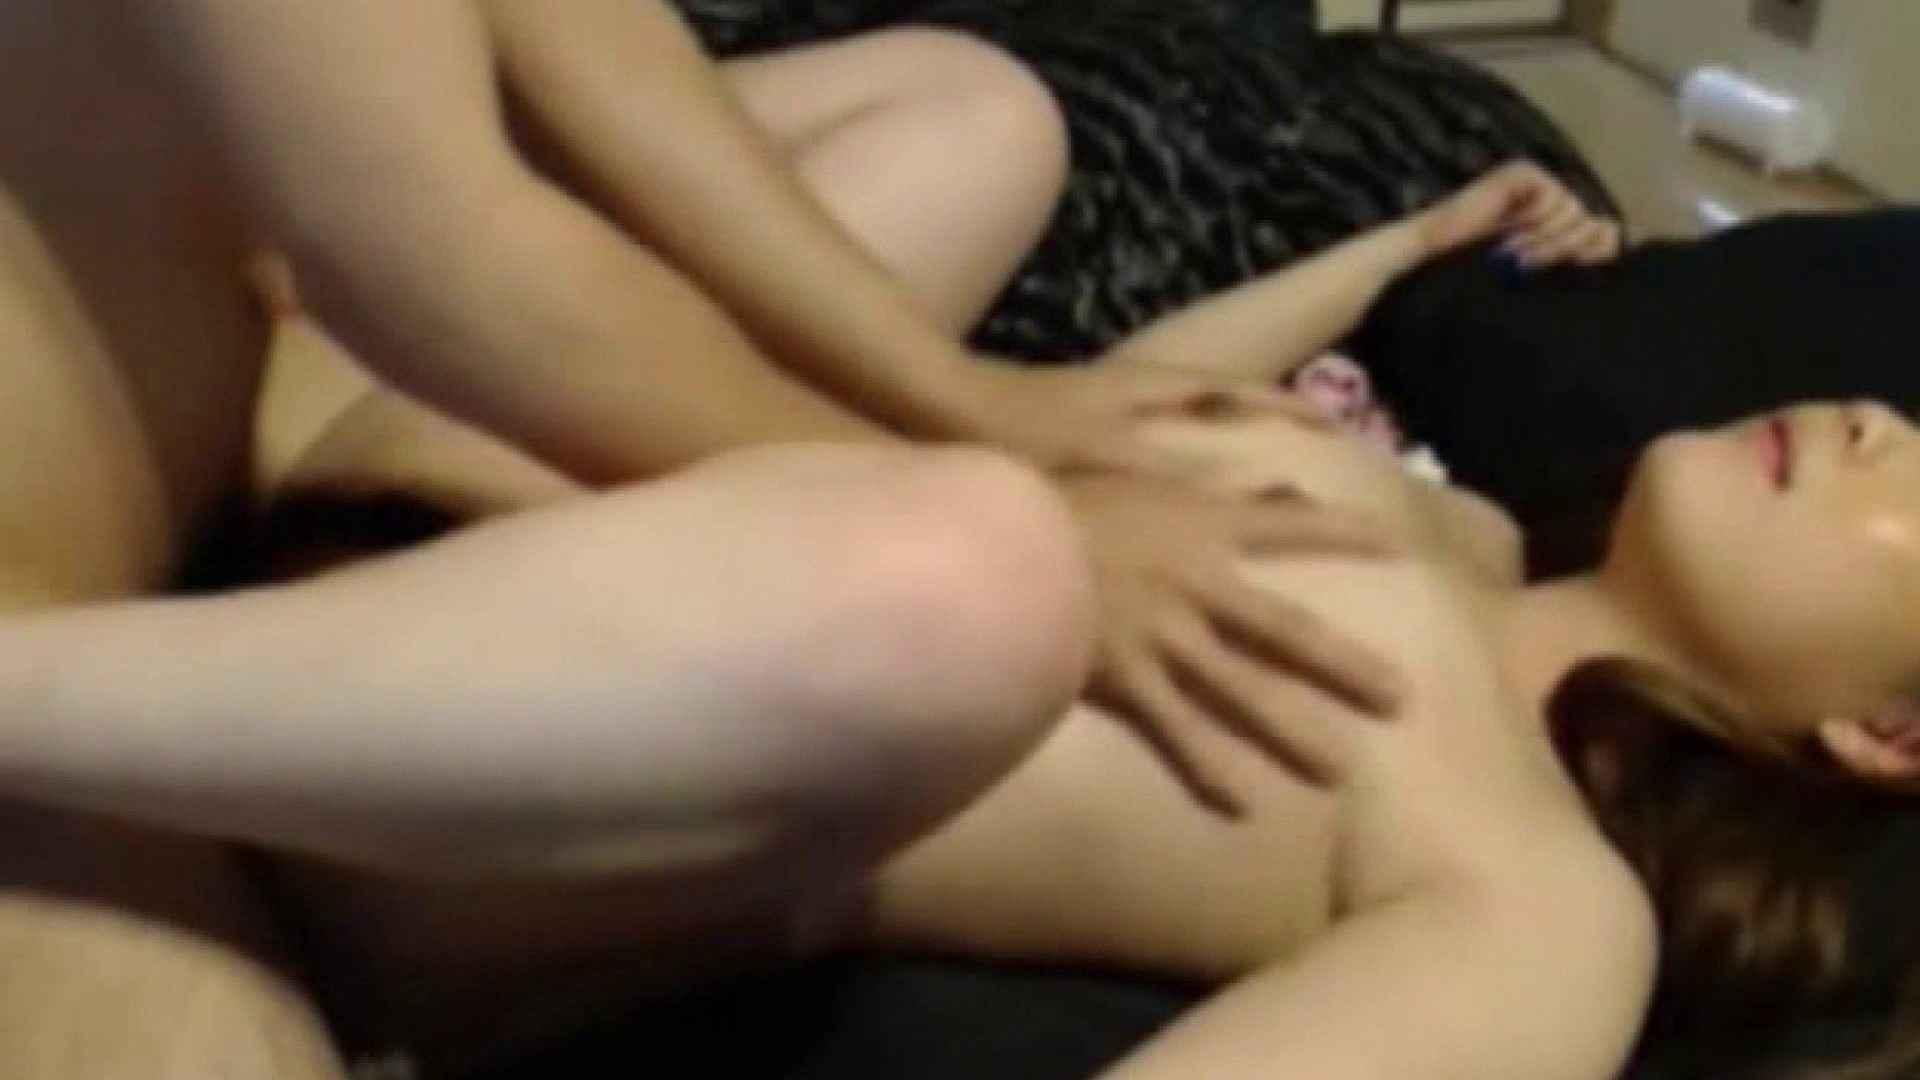 おしえてギャル子のH塾 Vol.03 後編 フェチ セックス画像 92pic 68